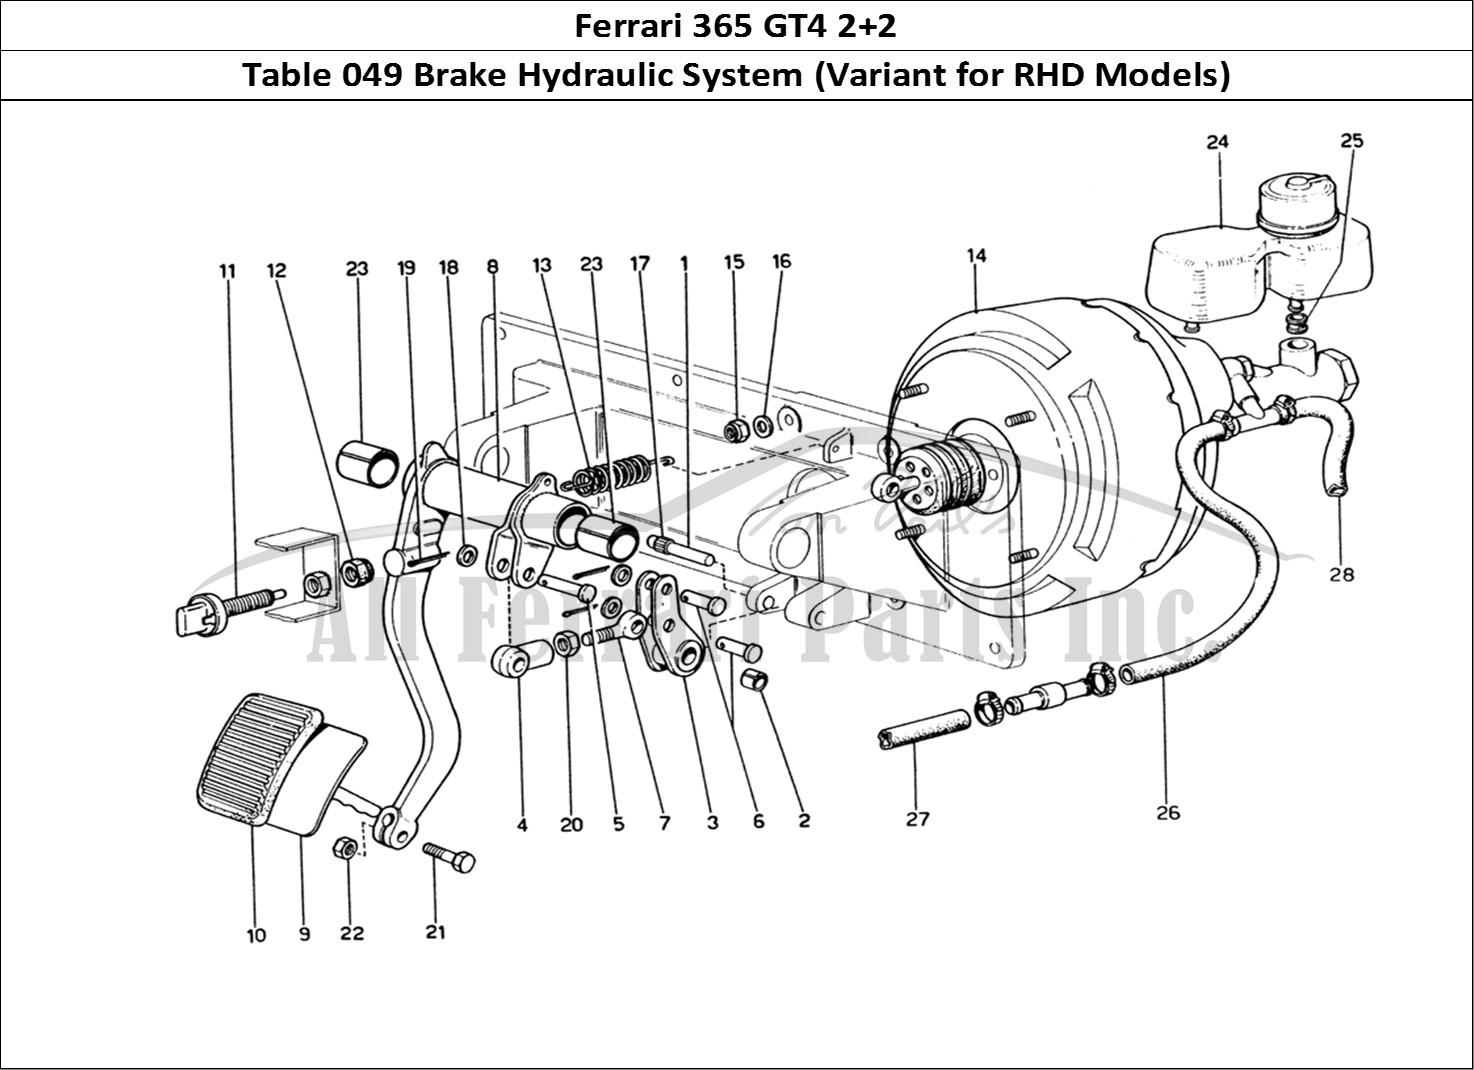 Buy Original Ferrari 365 Gt4 2 2 049 Brake Hydraulic System Variant For Rhd Models Ferrari